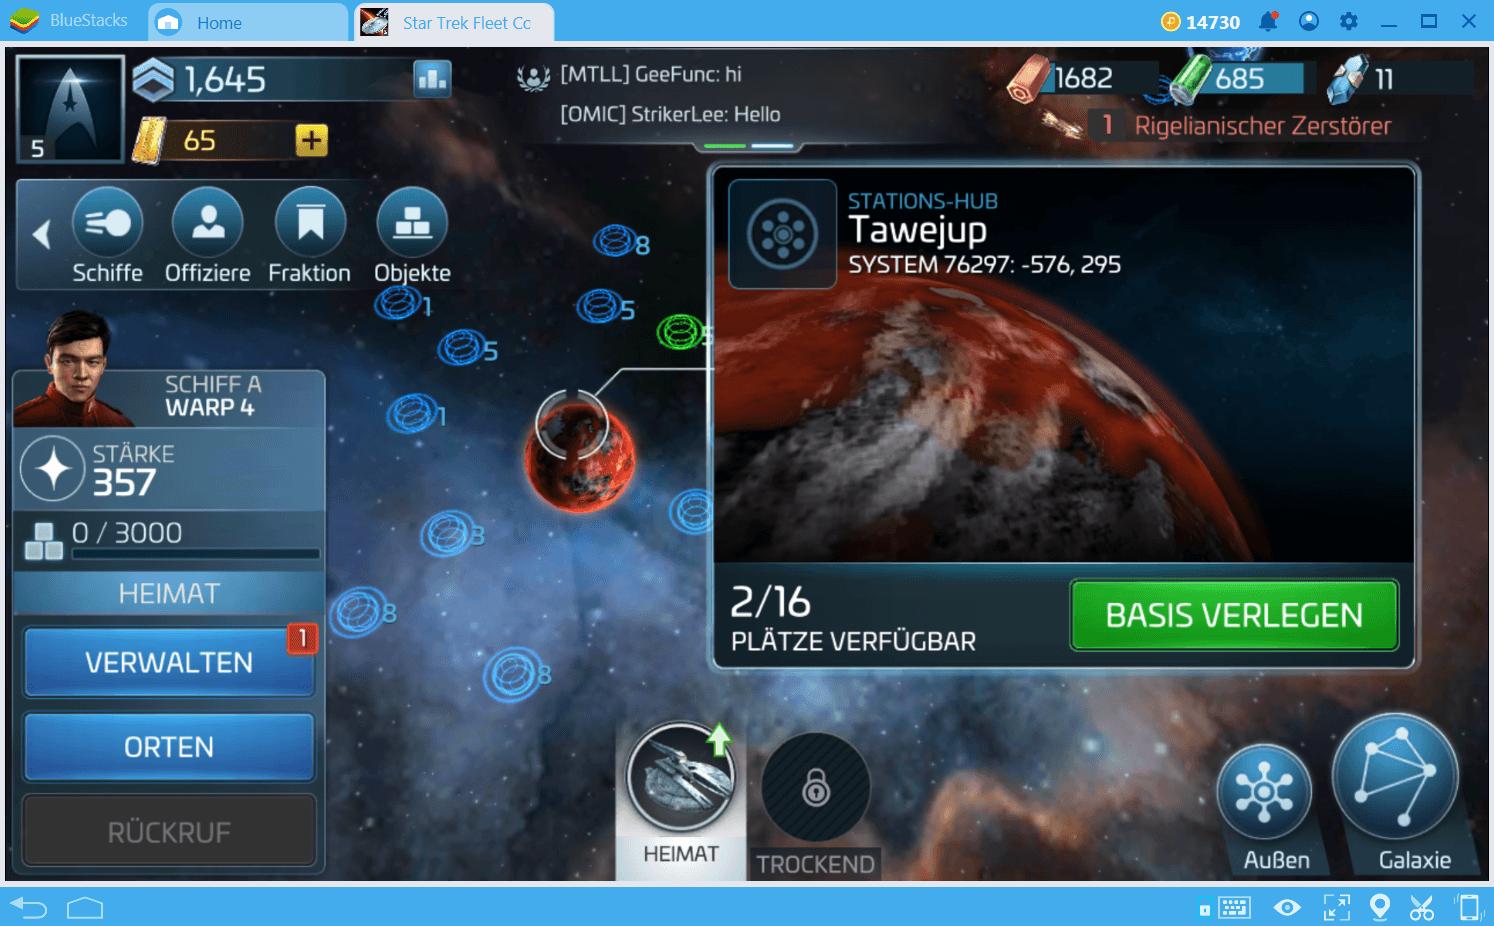 Star Trek Fleet Command: Die nützlichsten Tipps und Tricks